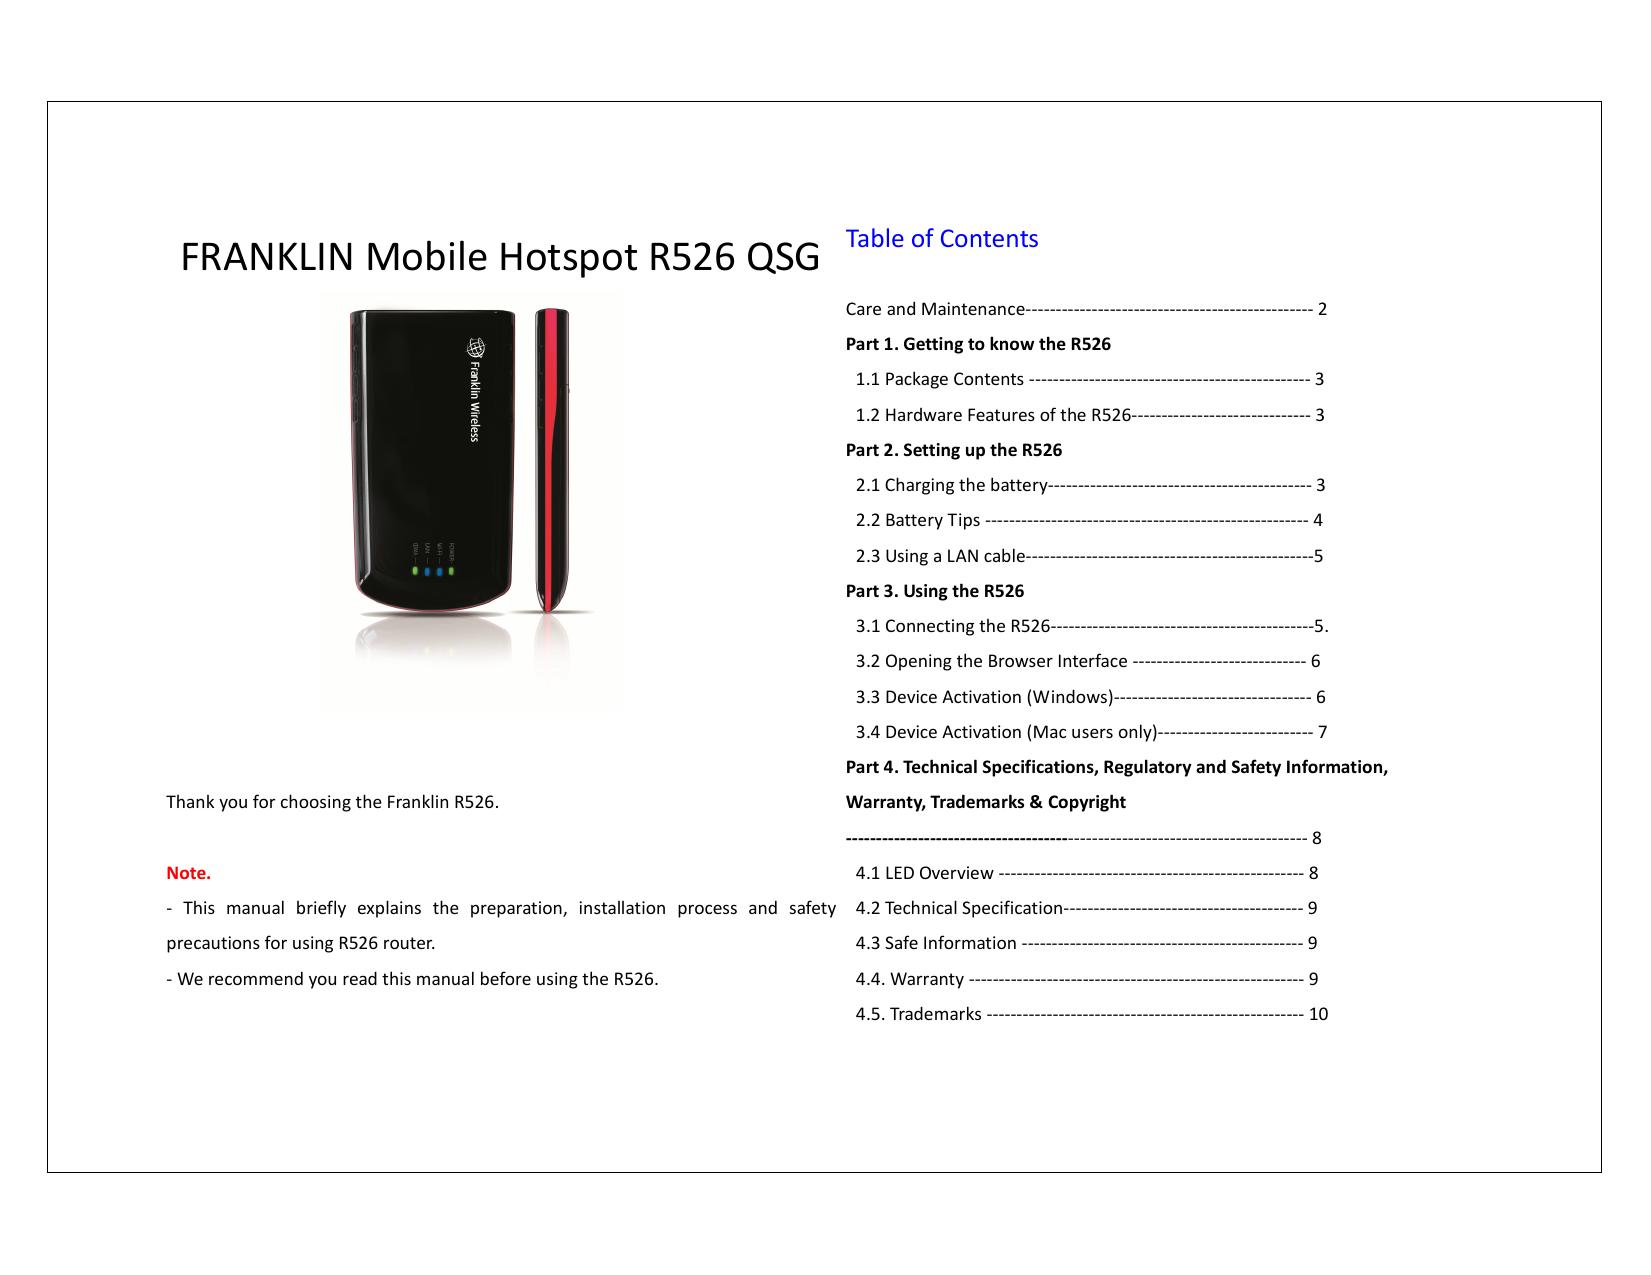 FRANKLIN Mobile Hotspot R526 QSG   manualzz com